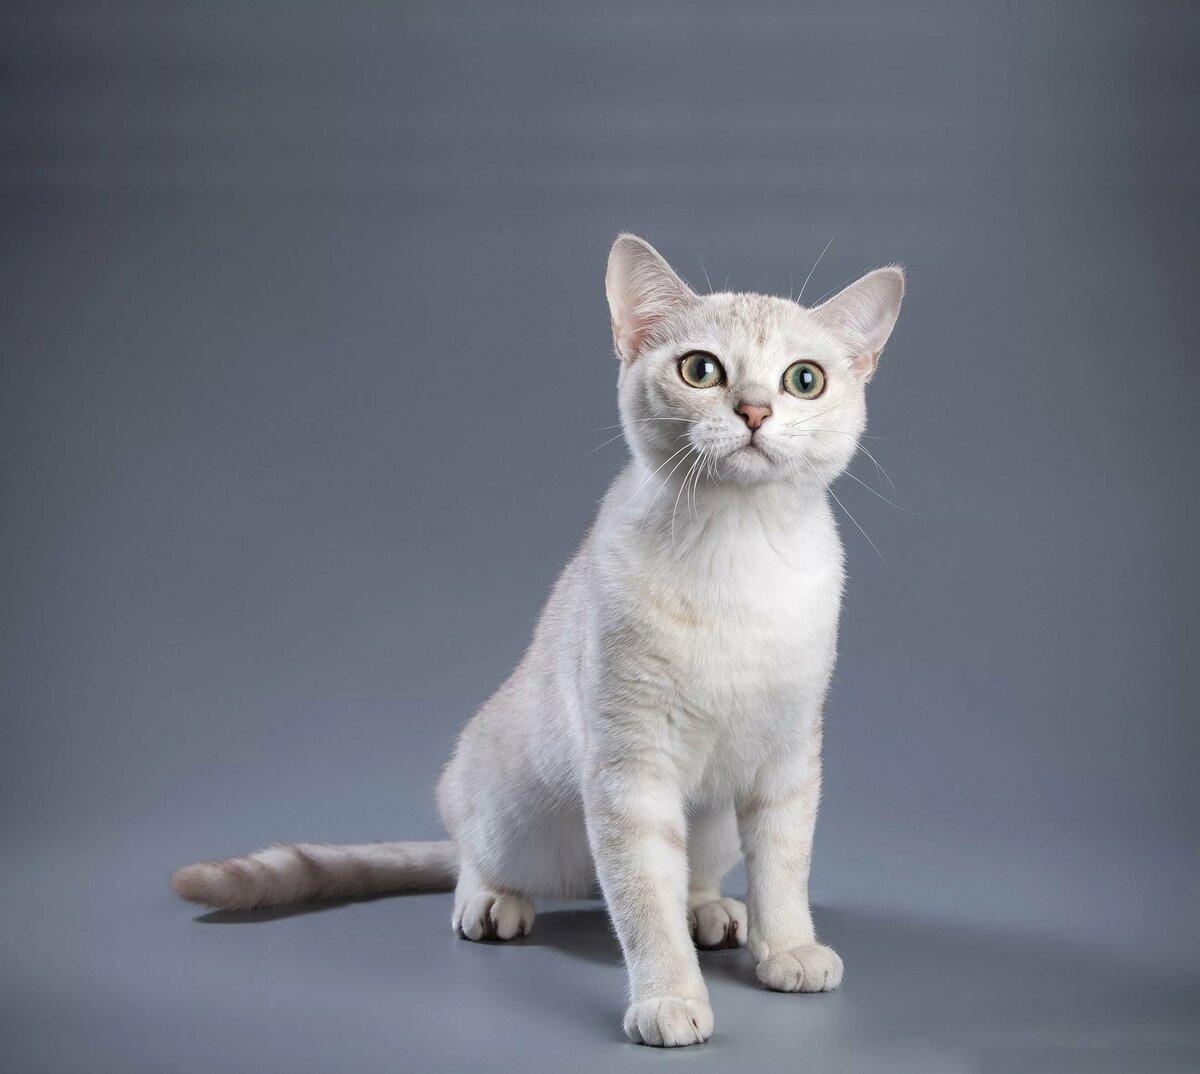 порода кошек бурмилла короткошерстная картинки призналась летучая, именно